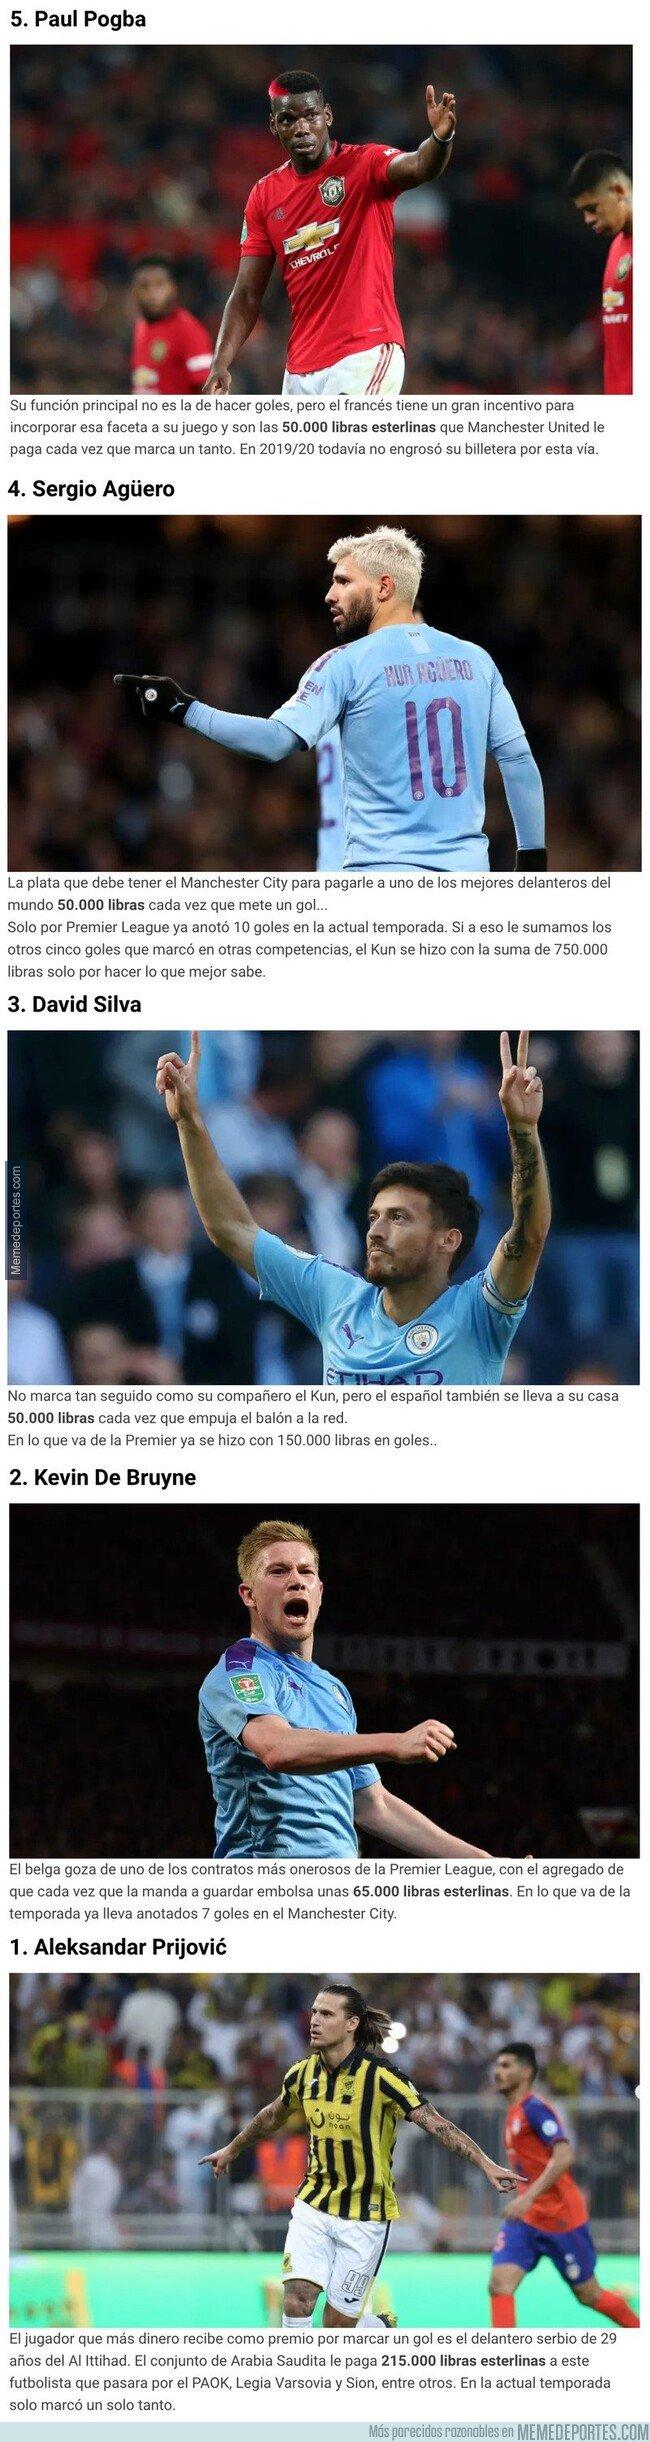 1095829 - Este es el pastizal que pagan los clubes a los cinco jugadores que más cobran por marcar un gol